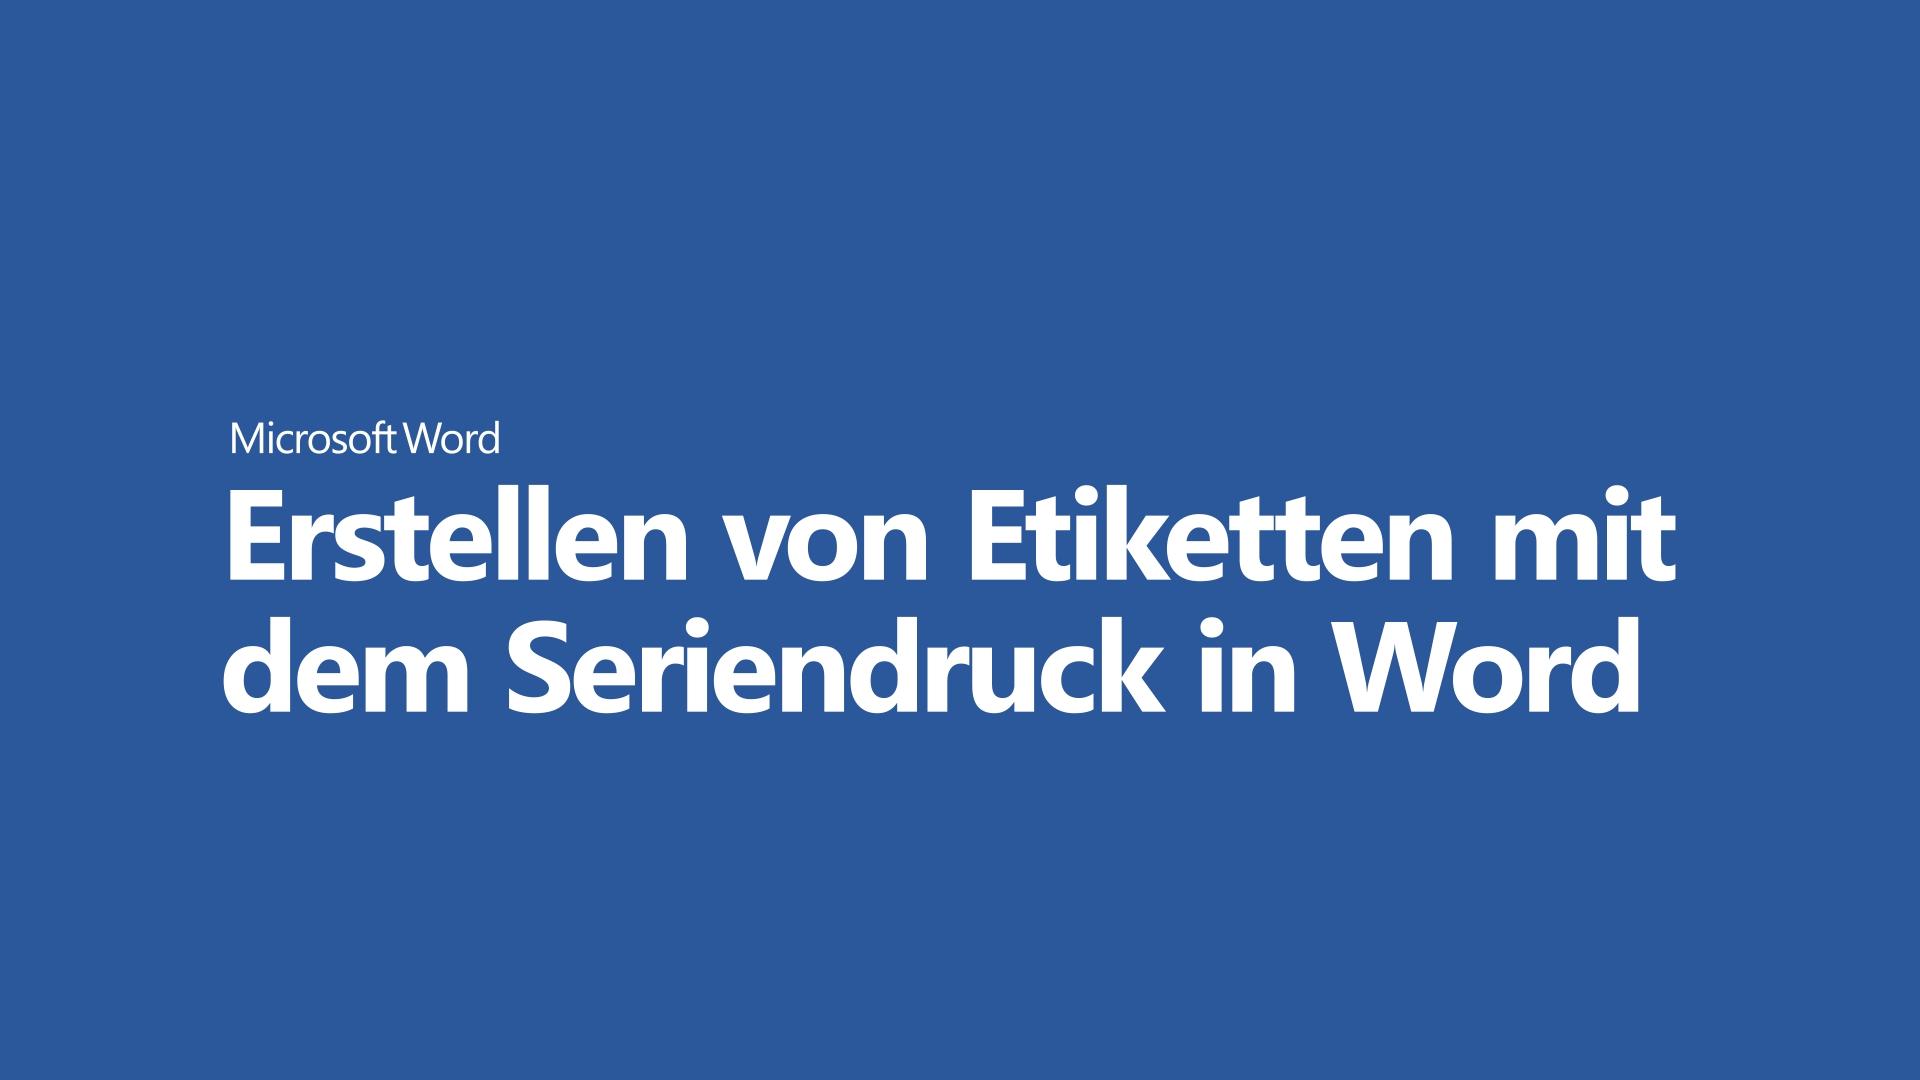 Video: Erstellen von Etiketten mit der Seriendruckfunktion - Word